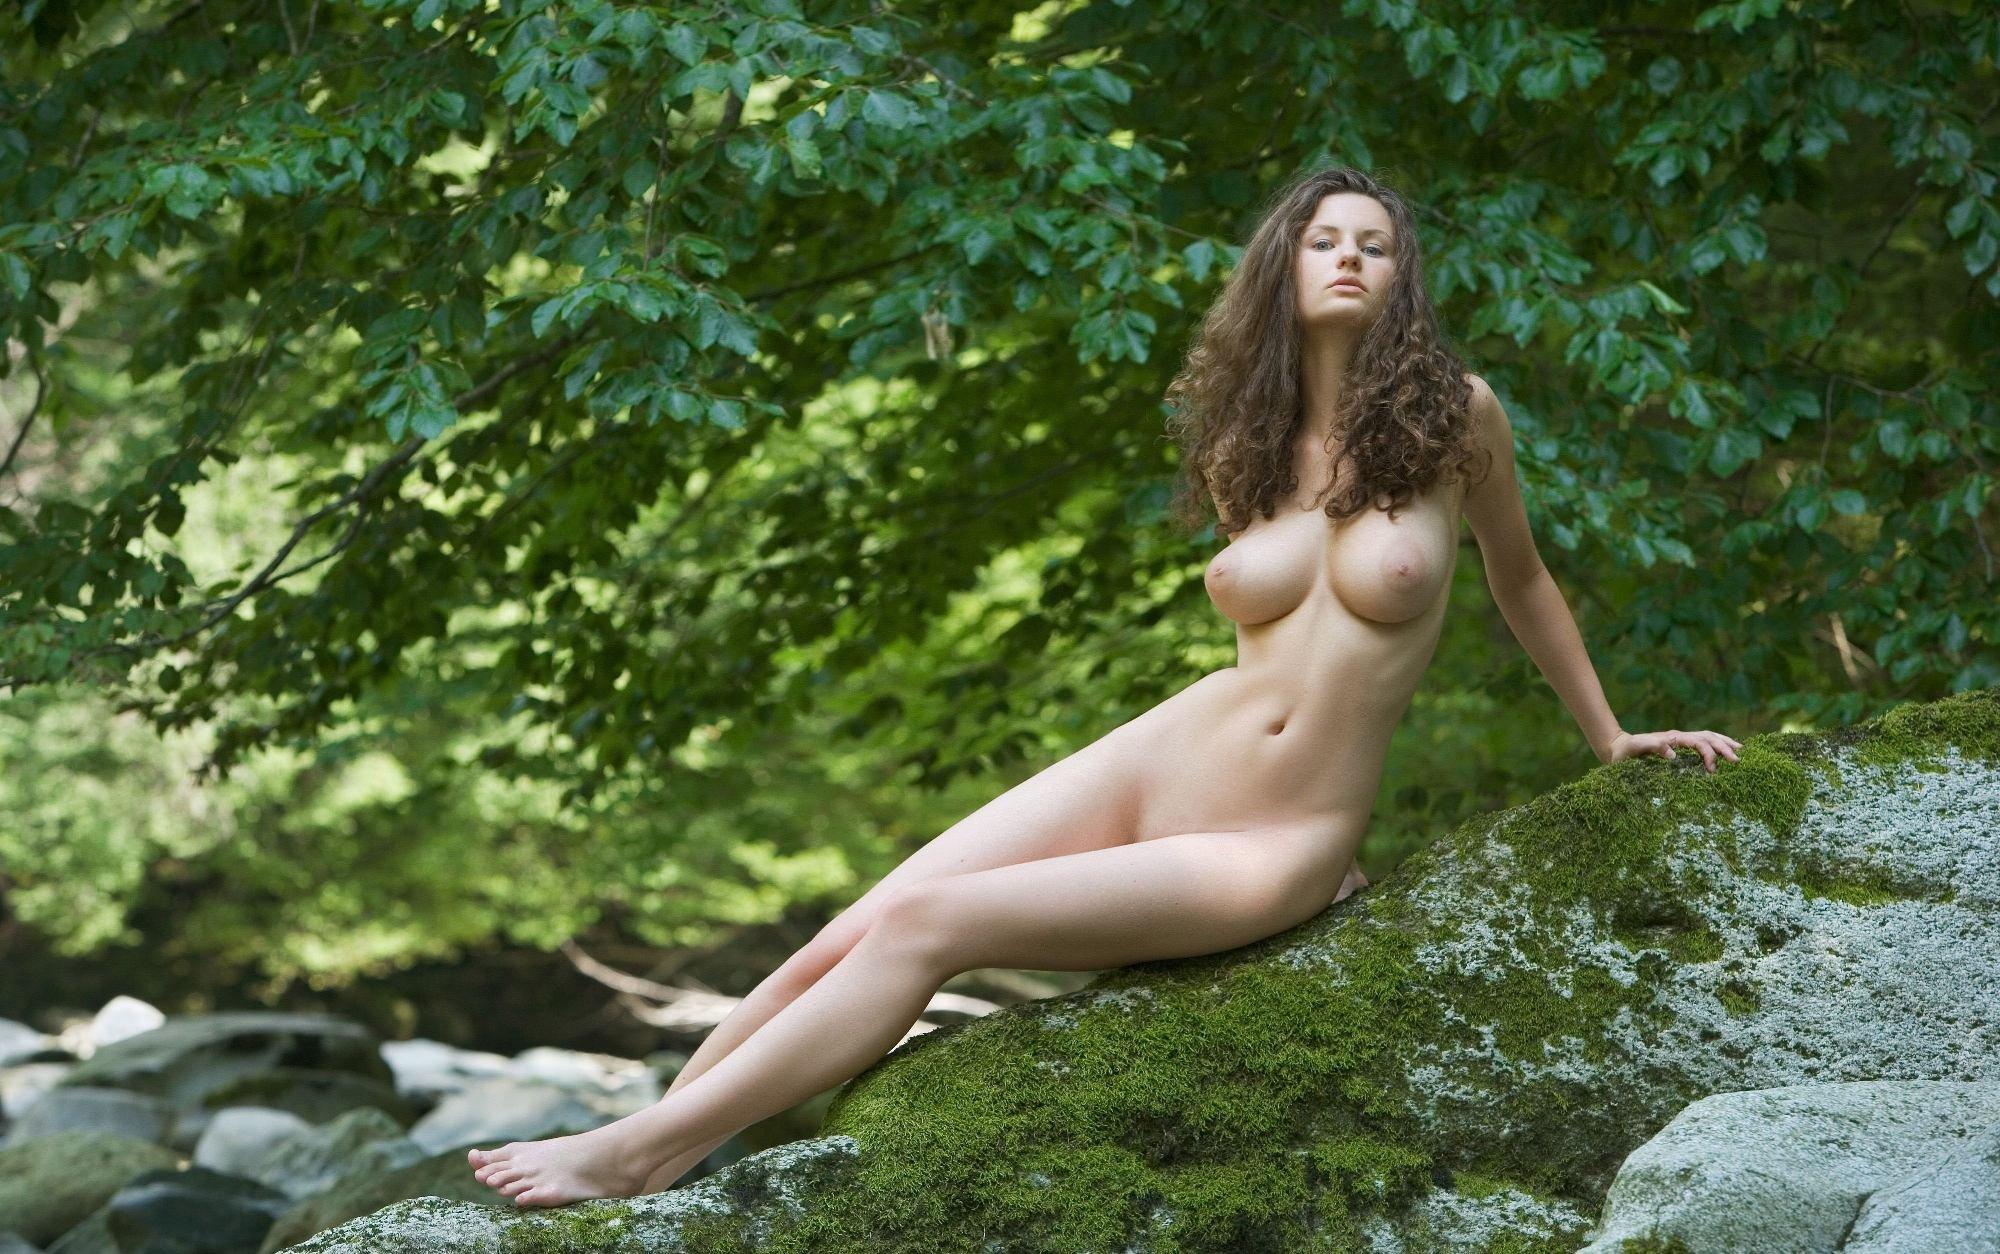 Естественные Девушки Обнаженные